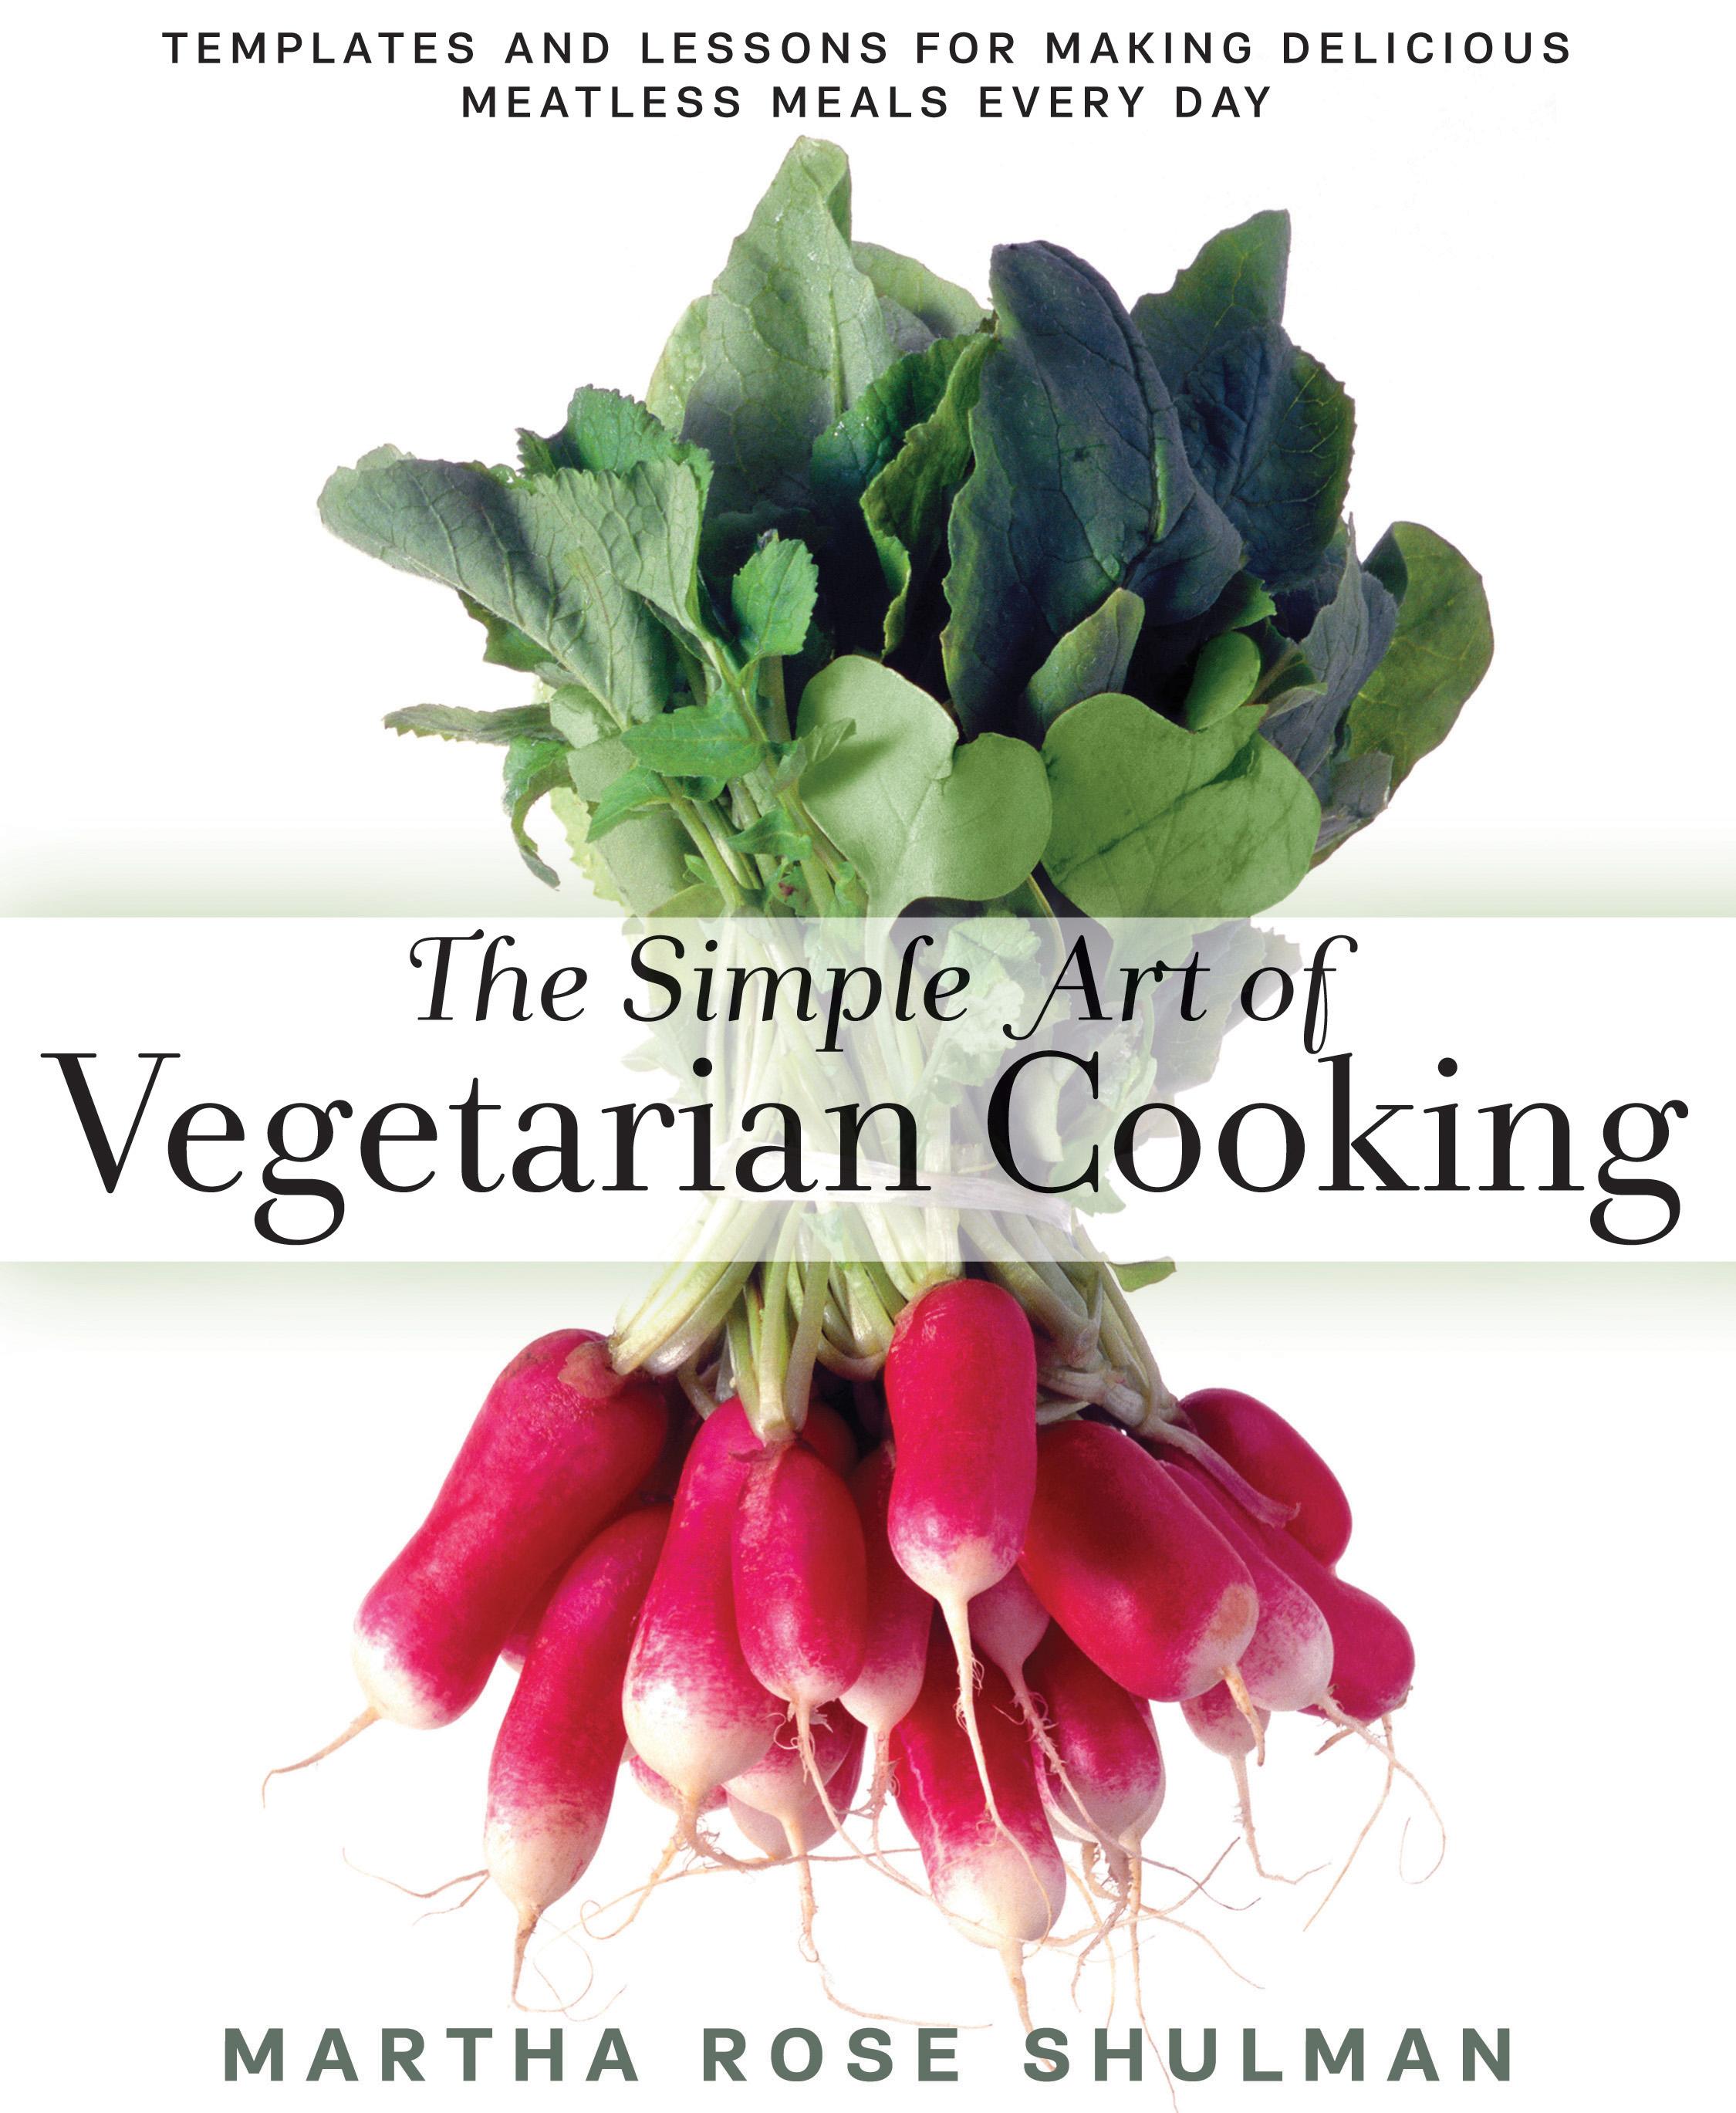 Rodale - The Simple Art Of Vegetarian Cooking - 9781623361303.jpg